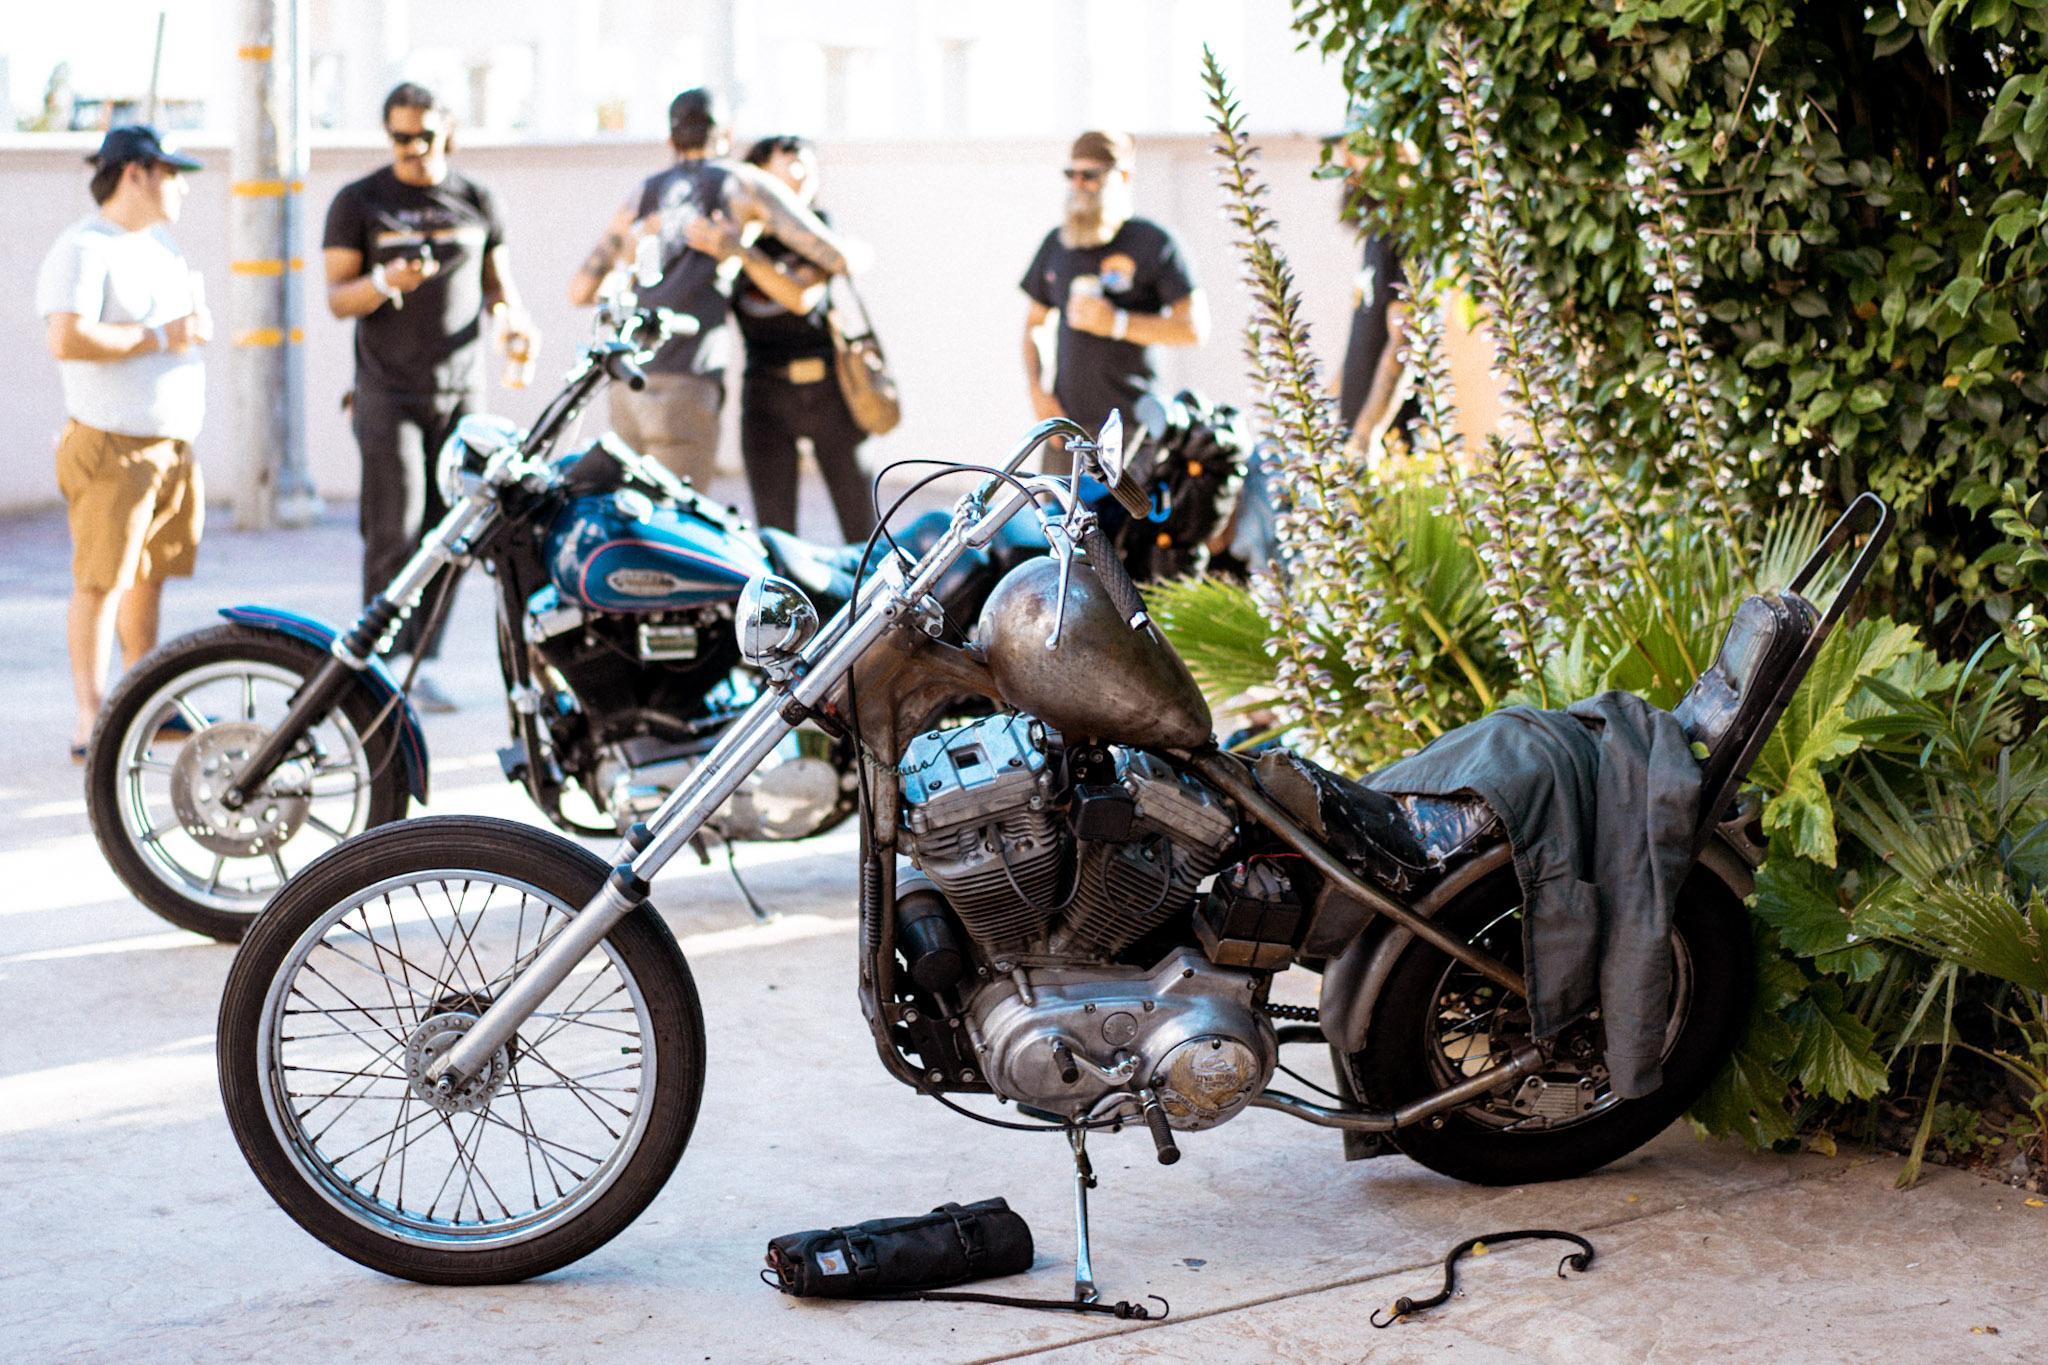 kyles bike.jpeg